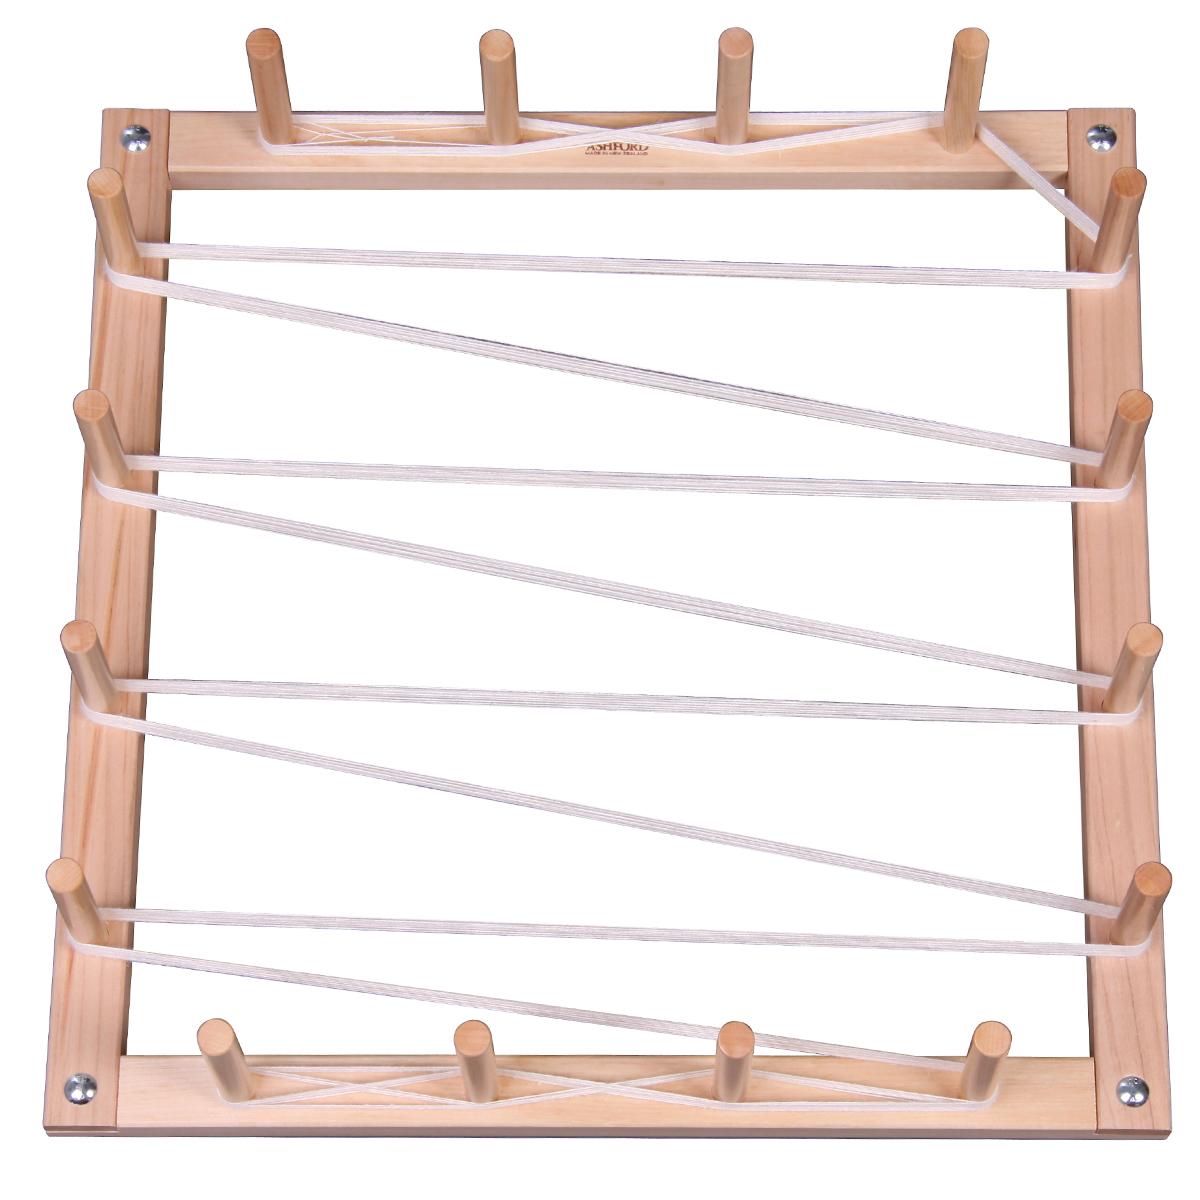 タテ糸4.5Mの準備に 大注目 ついに入荷 お取り寄せ品※代引きキャンセル不可 4.5m 整経枠